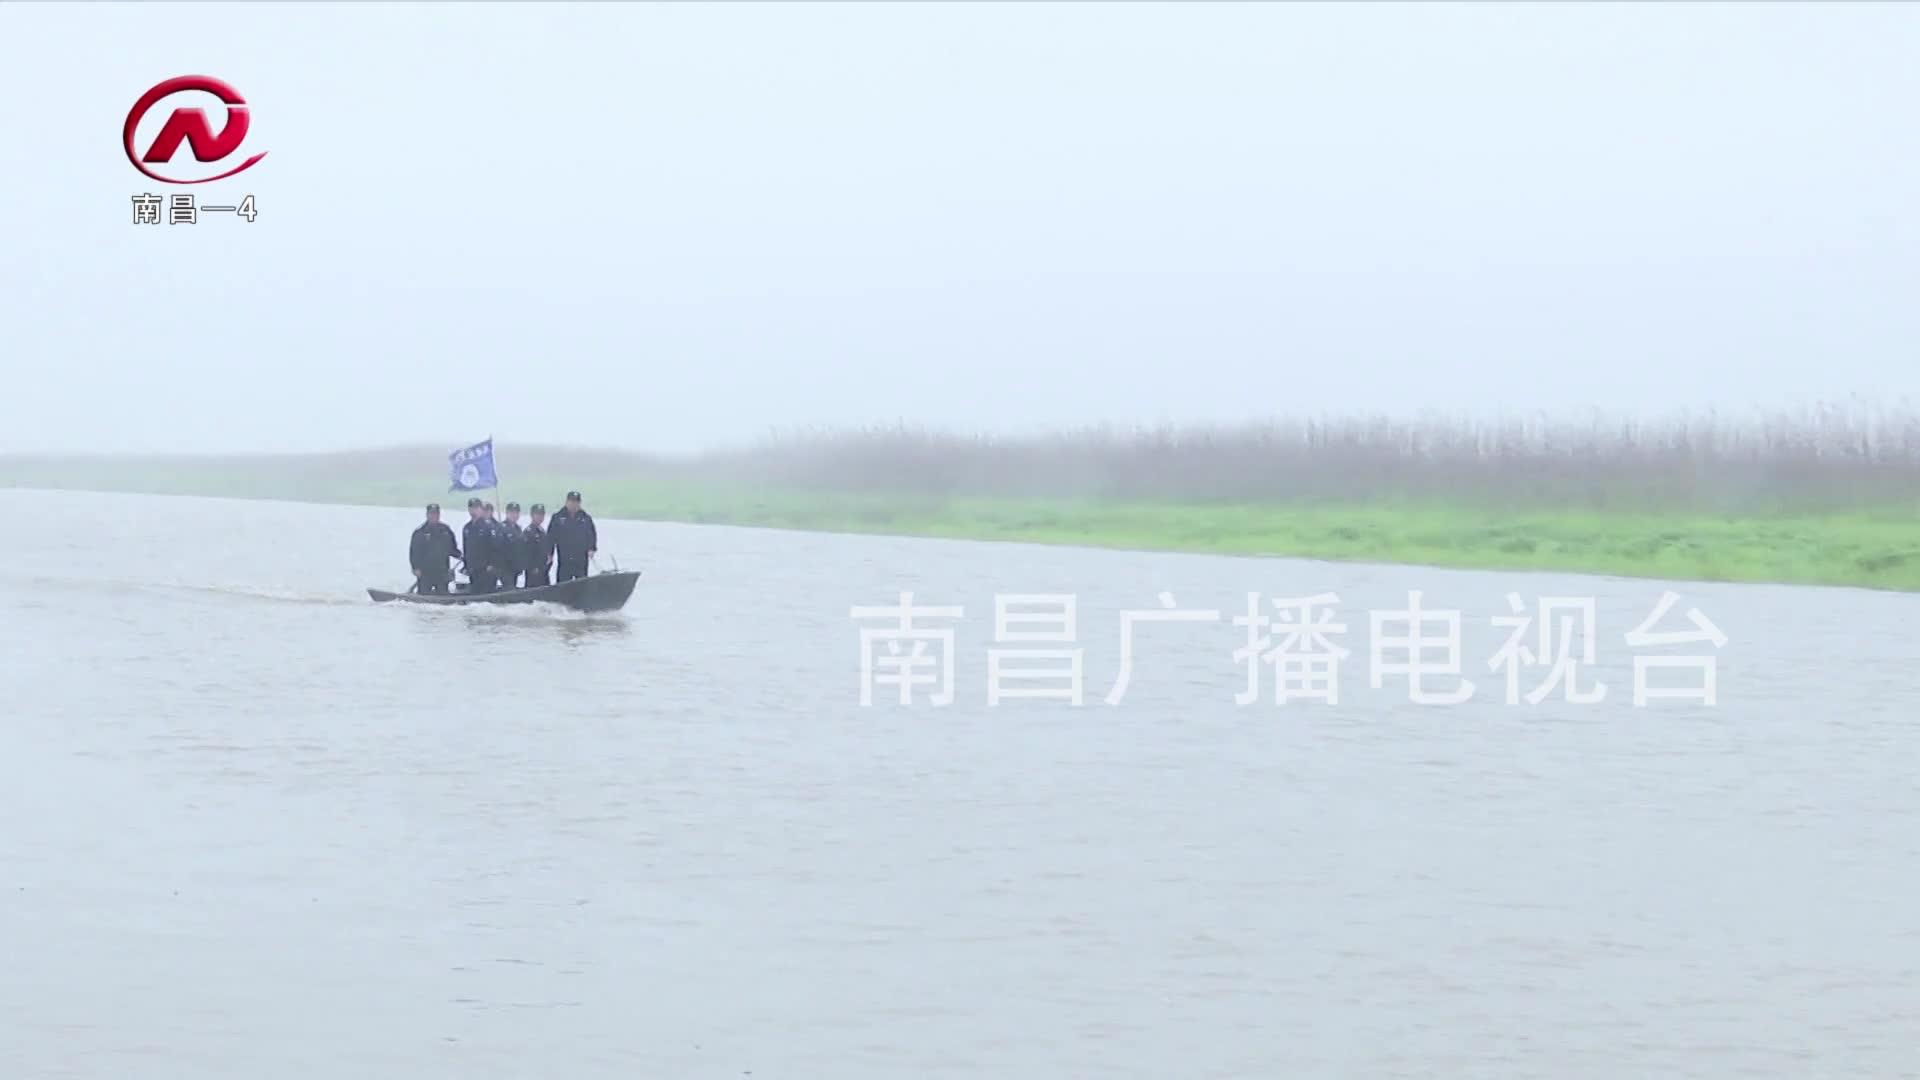 【豫章農視】從捕魚人到護漁員 守護碧水清波